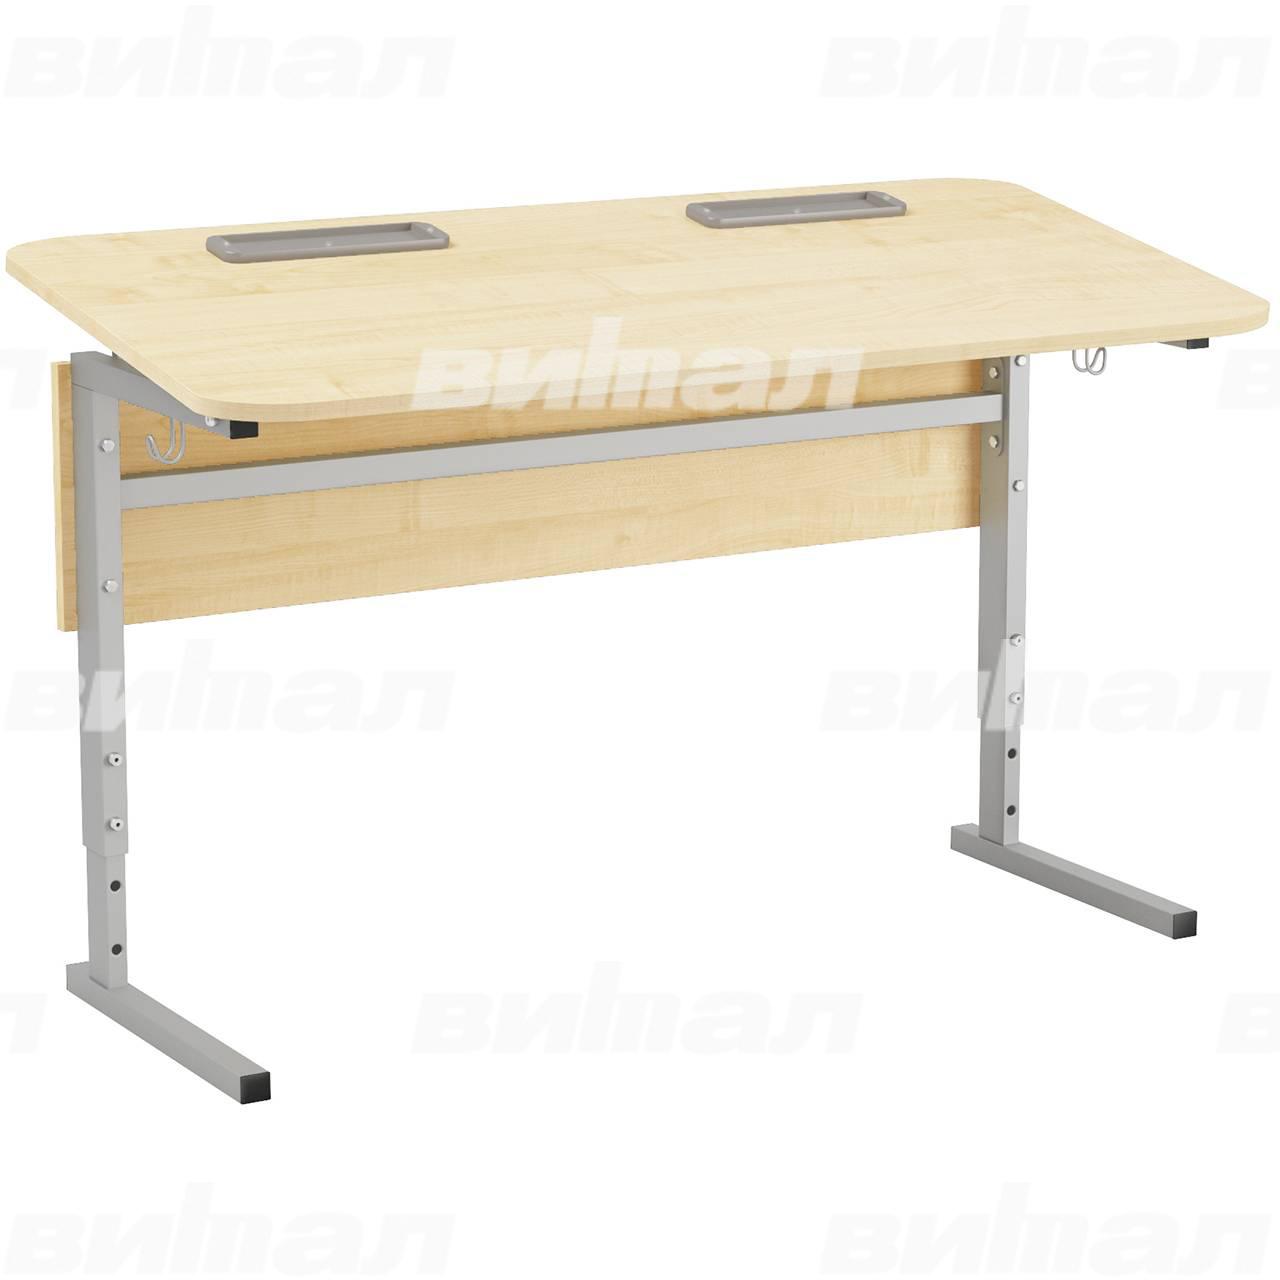 Стол 2-местный регулир. высота и наклон столешницы 0-10° (гр 2-4, 3-5, 4-6 или 5-7) серый Клен 5-7 Меламин прямоугольная